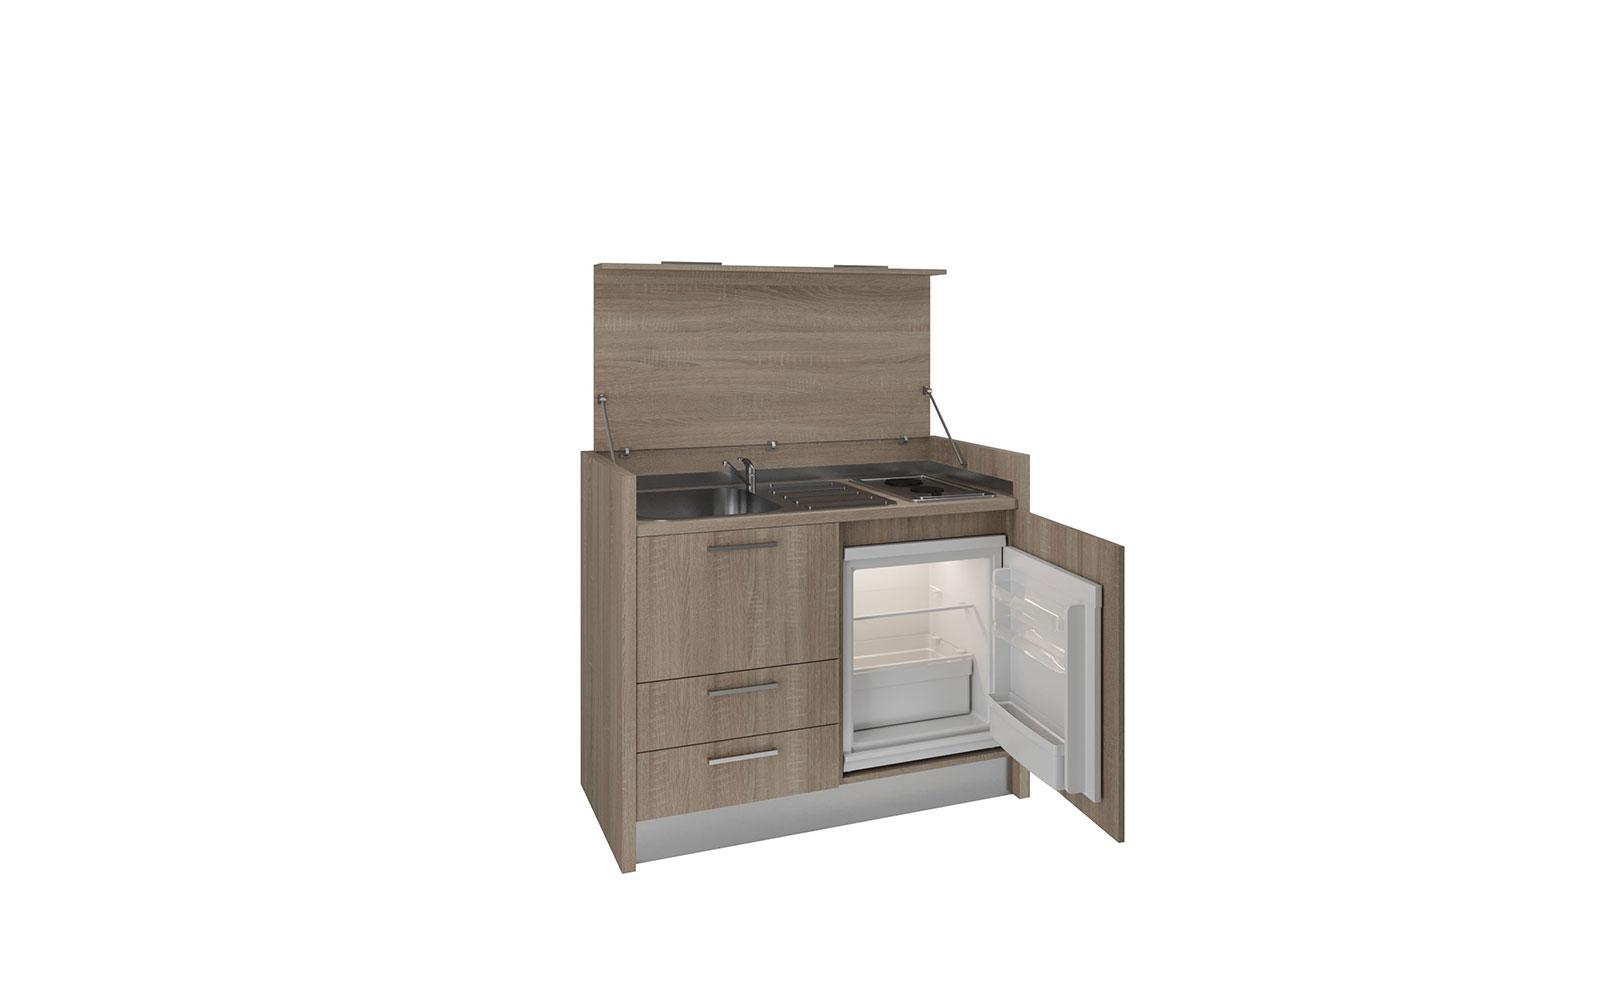 Marsica - Mini cucina isola a scomparsa, piano 2 fuochi, frigo e ...